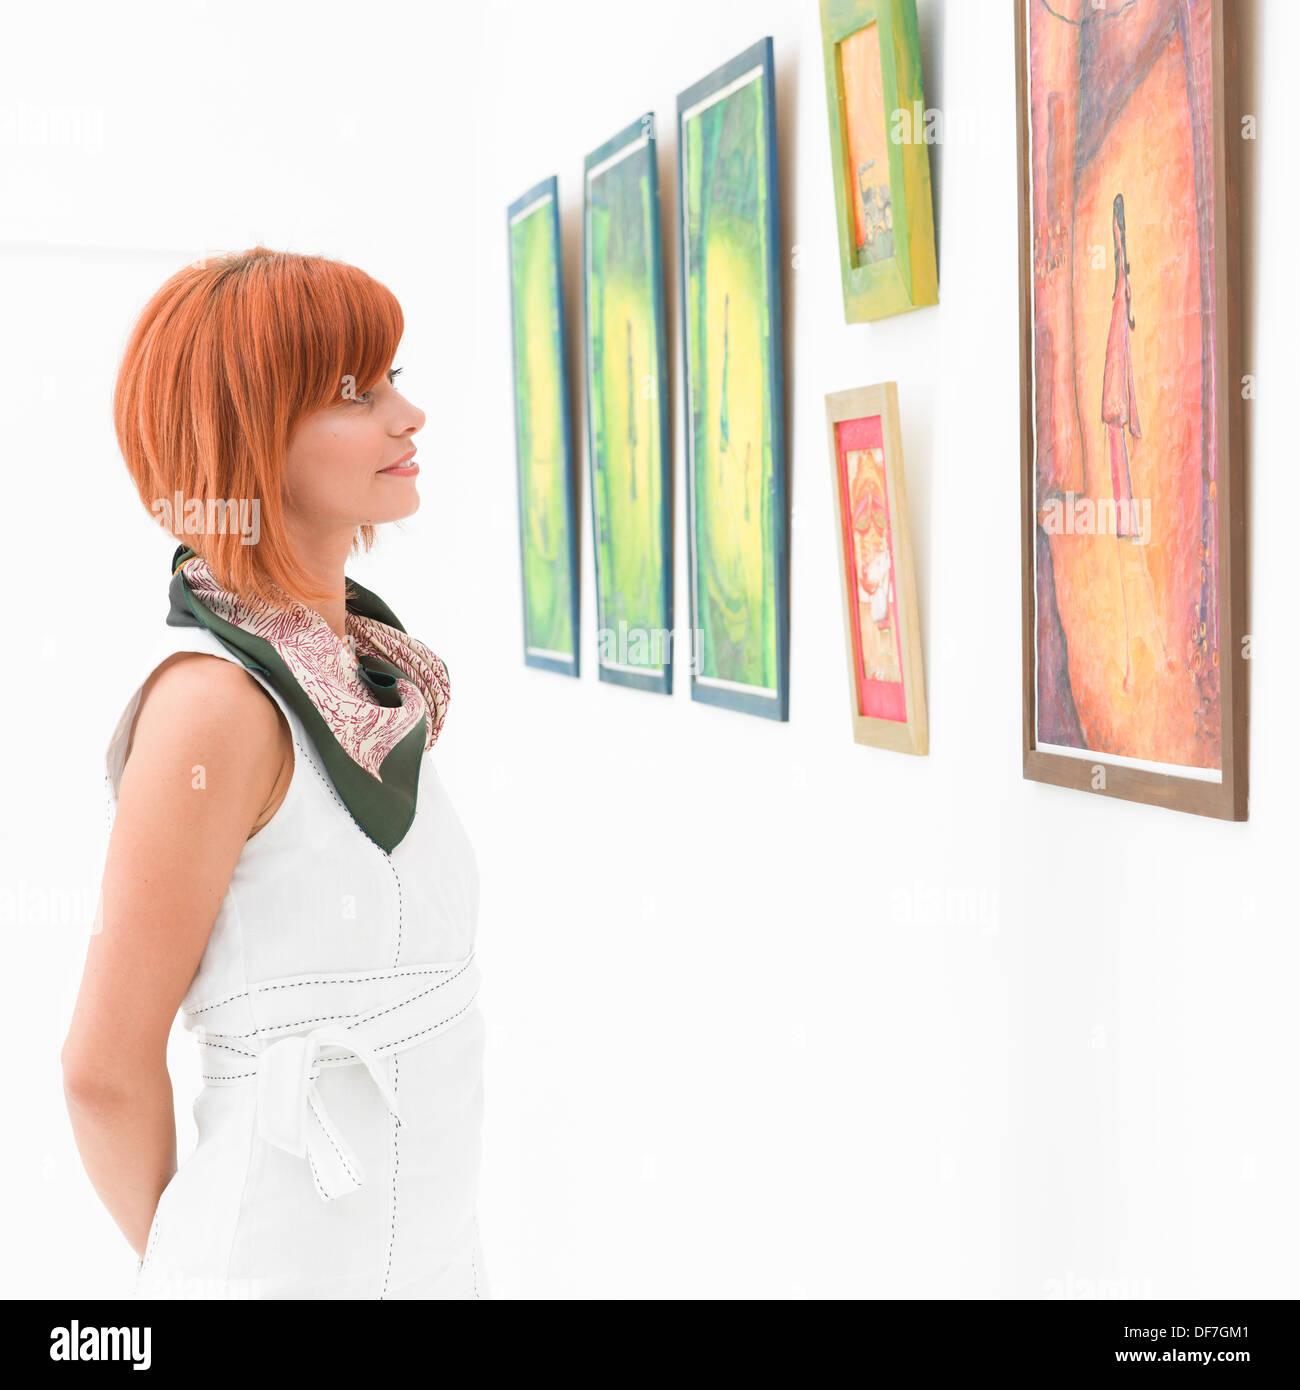 Vue latérale du jeune belle Rousse femme debout dans une galerie d'art en contemplant une œuvre d'art Banque D'Images